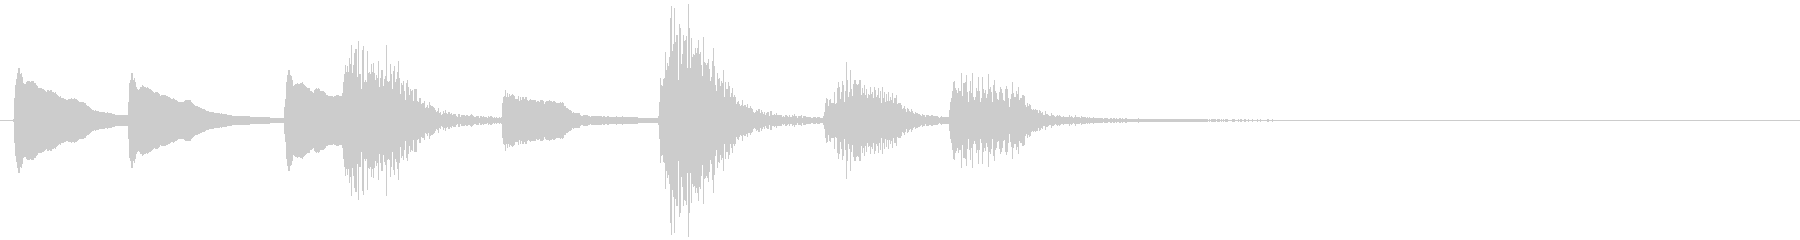 ジャズ ピアノ コミカルなオチ④の未再生の波形